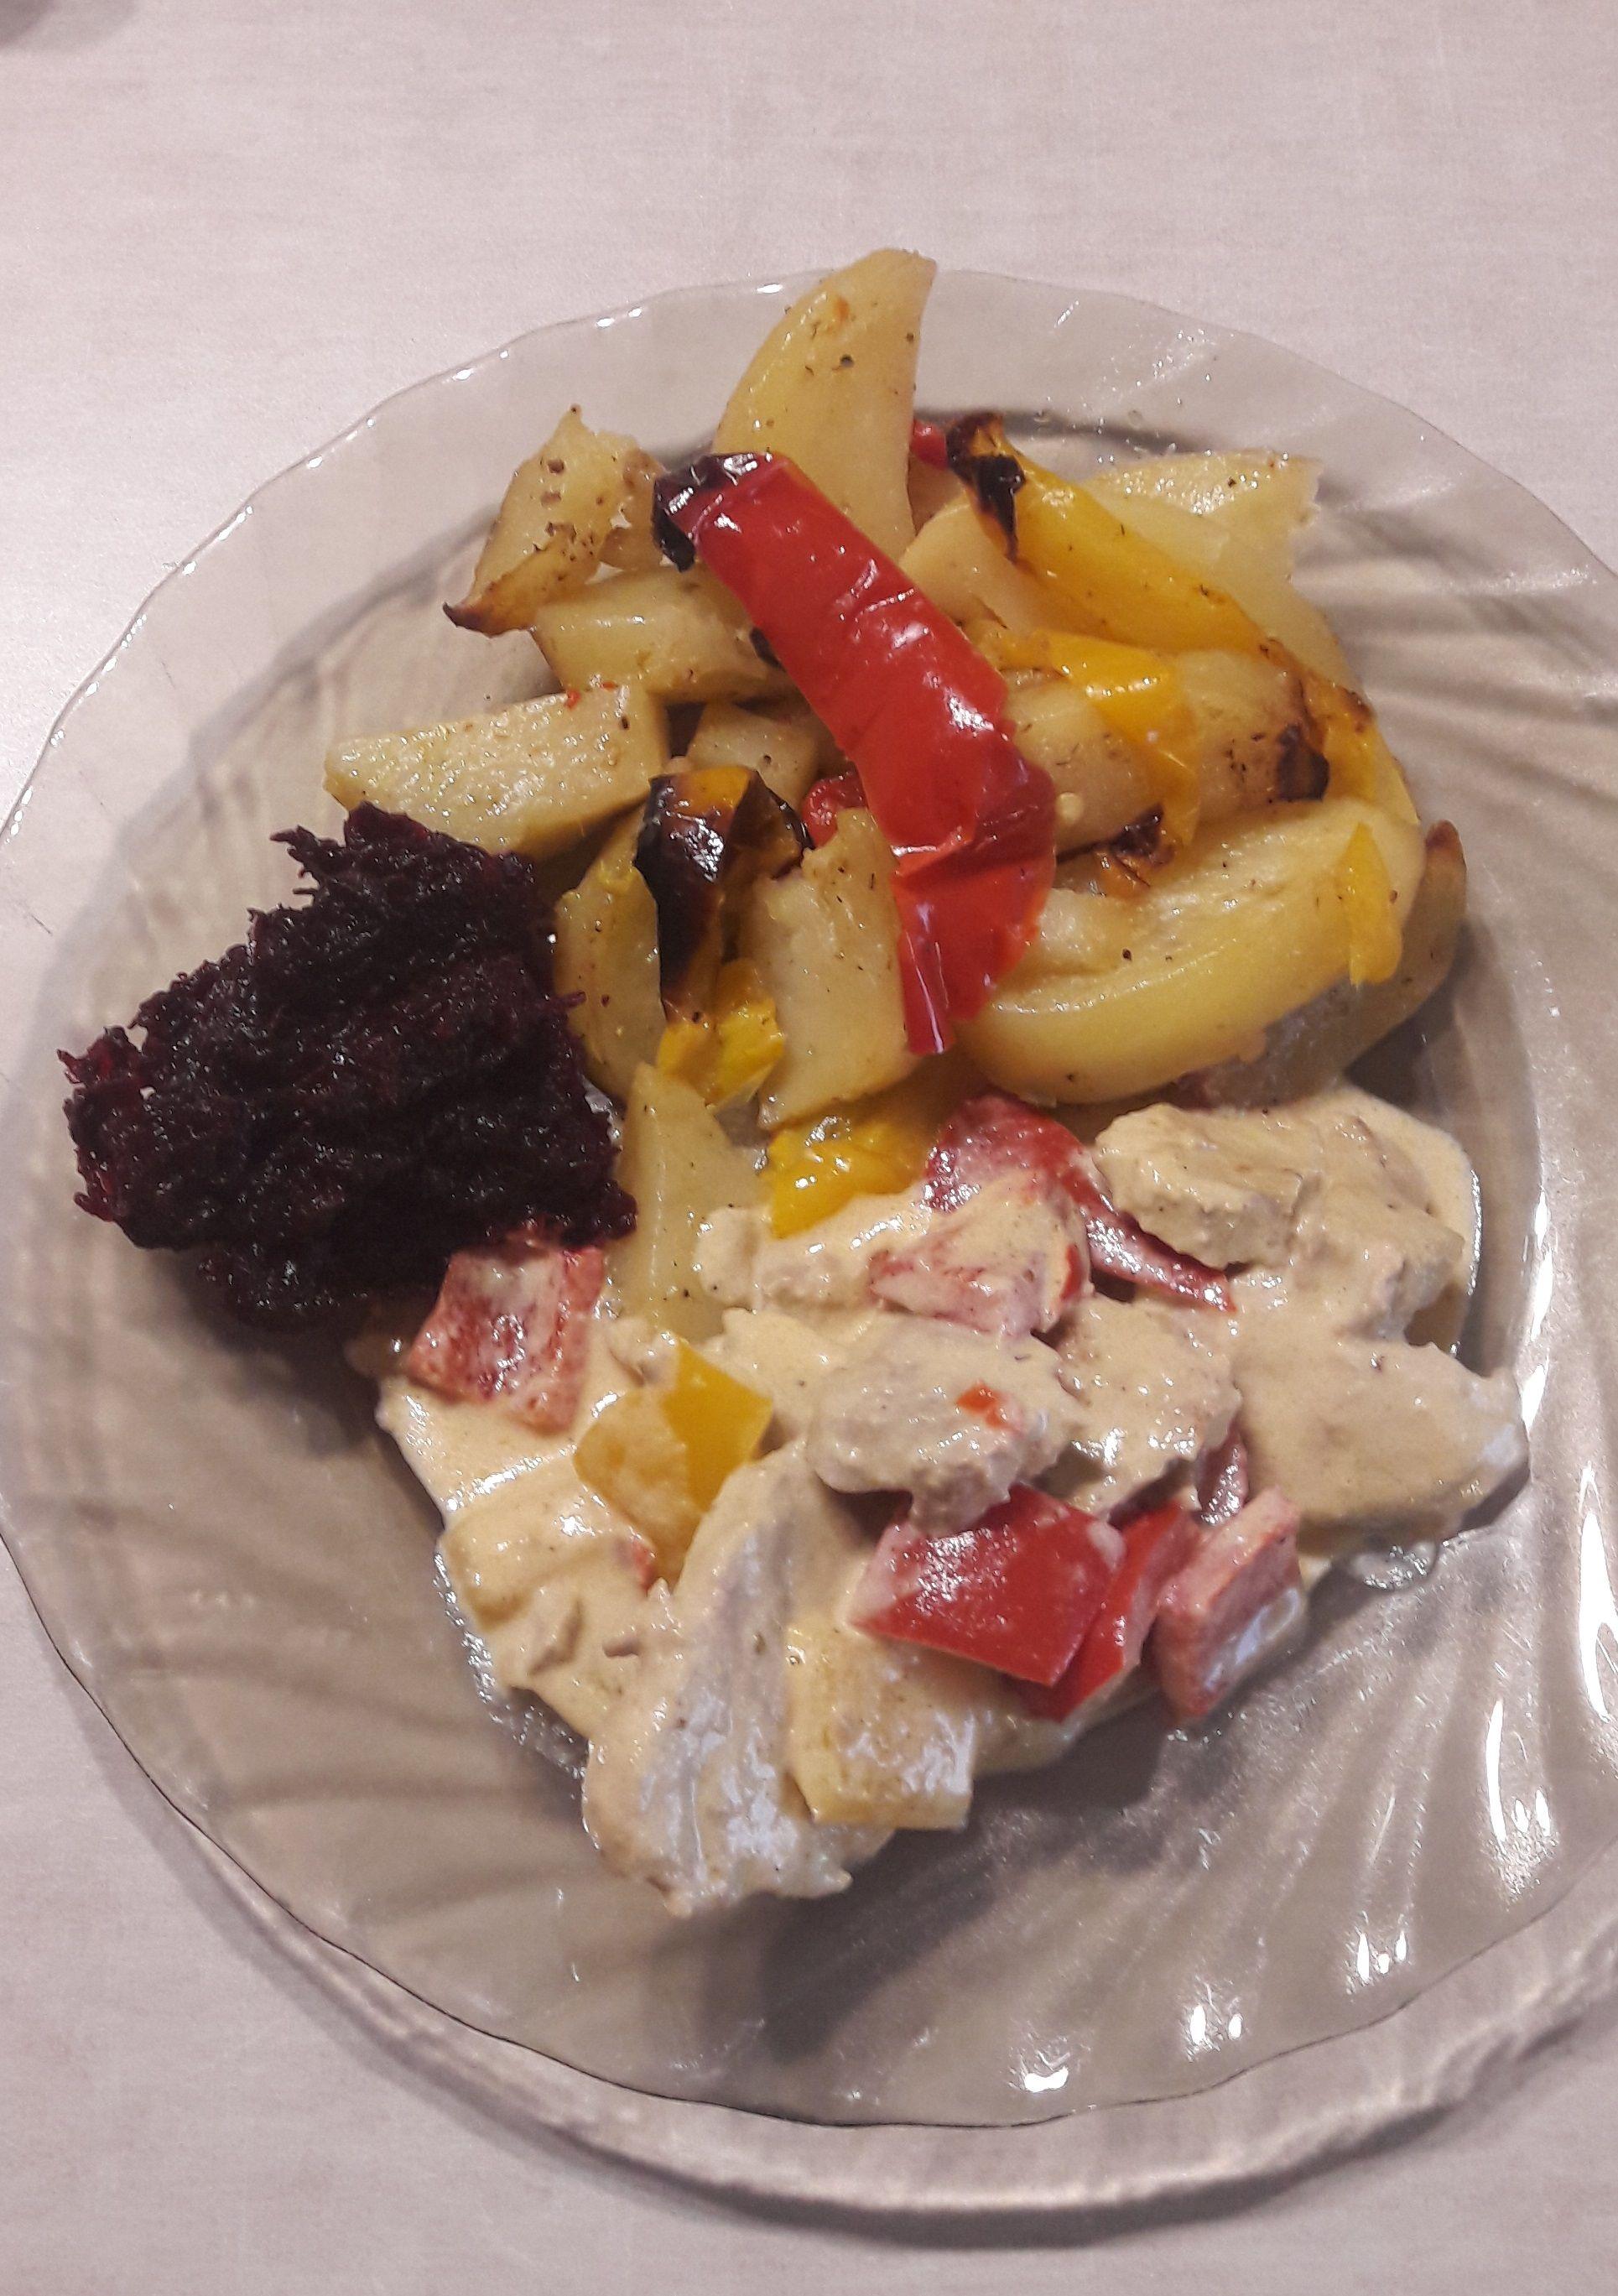 Delikatne polędwiczki w wyśmienitym sosie musztardowym. Świetnie komponują się z makaronem, ale także z ryżem lub ziemniakami.  #poledwica #polędwica #polędwiczki #polędwiczkiwsosiemusztardowym  #obiad #naobiad #daniazwieprzowiny #mięso #pasibrzuszek #blogkulinarny #blogerkulinarny